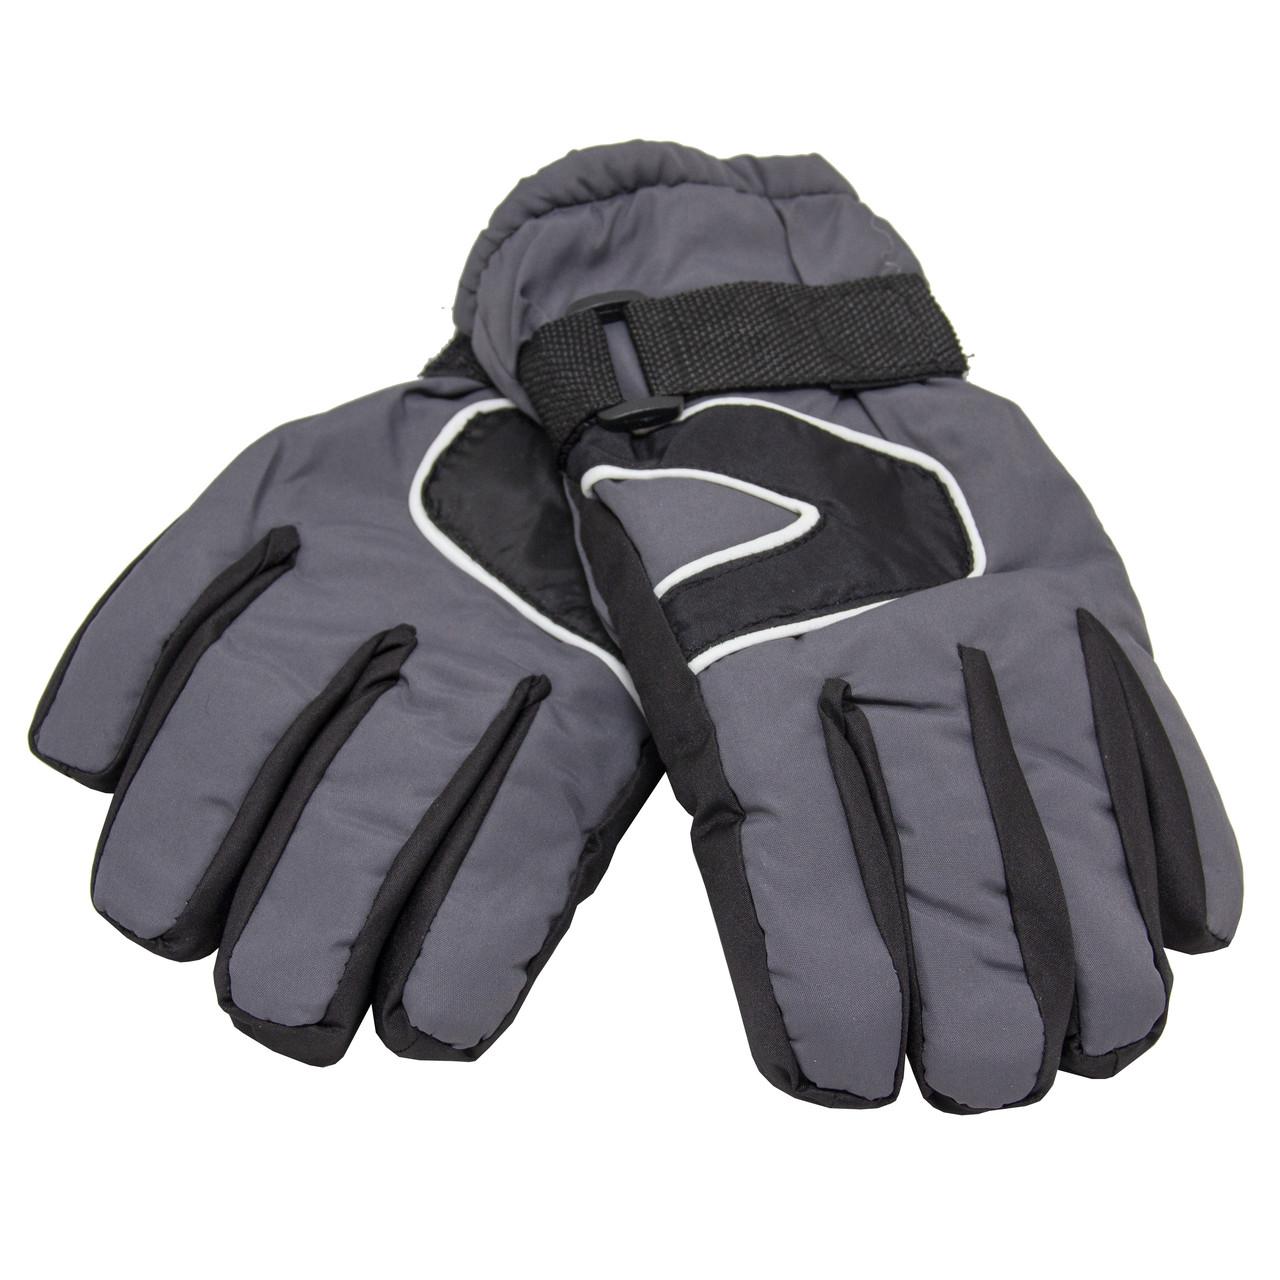 Водоотталкивающие детские лыжные перчатки, размер 13, серый, плащевка, флис, синтепон (513658-2)